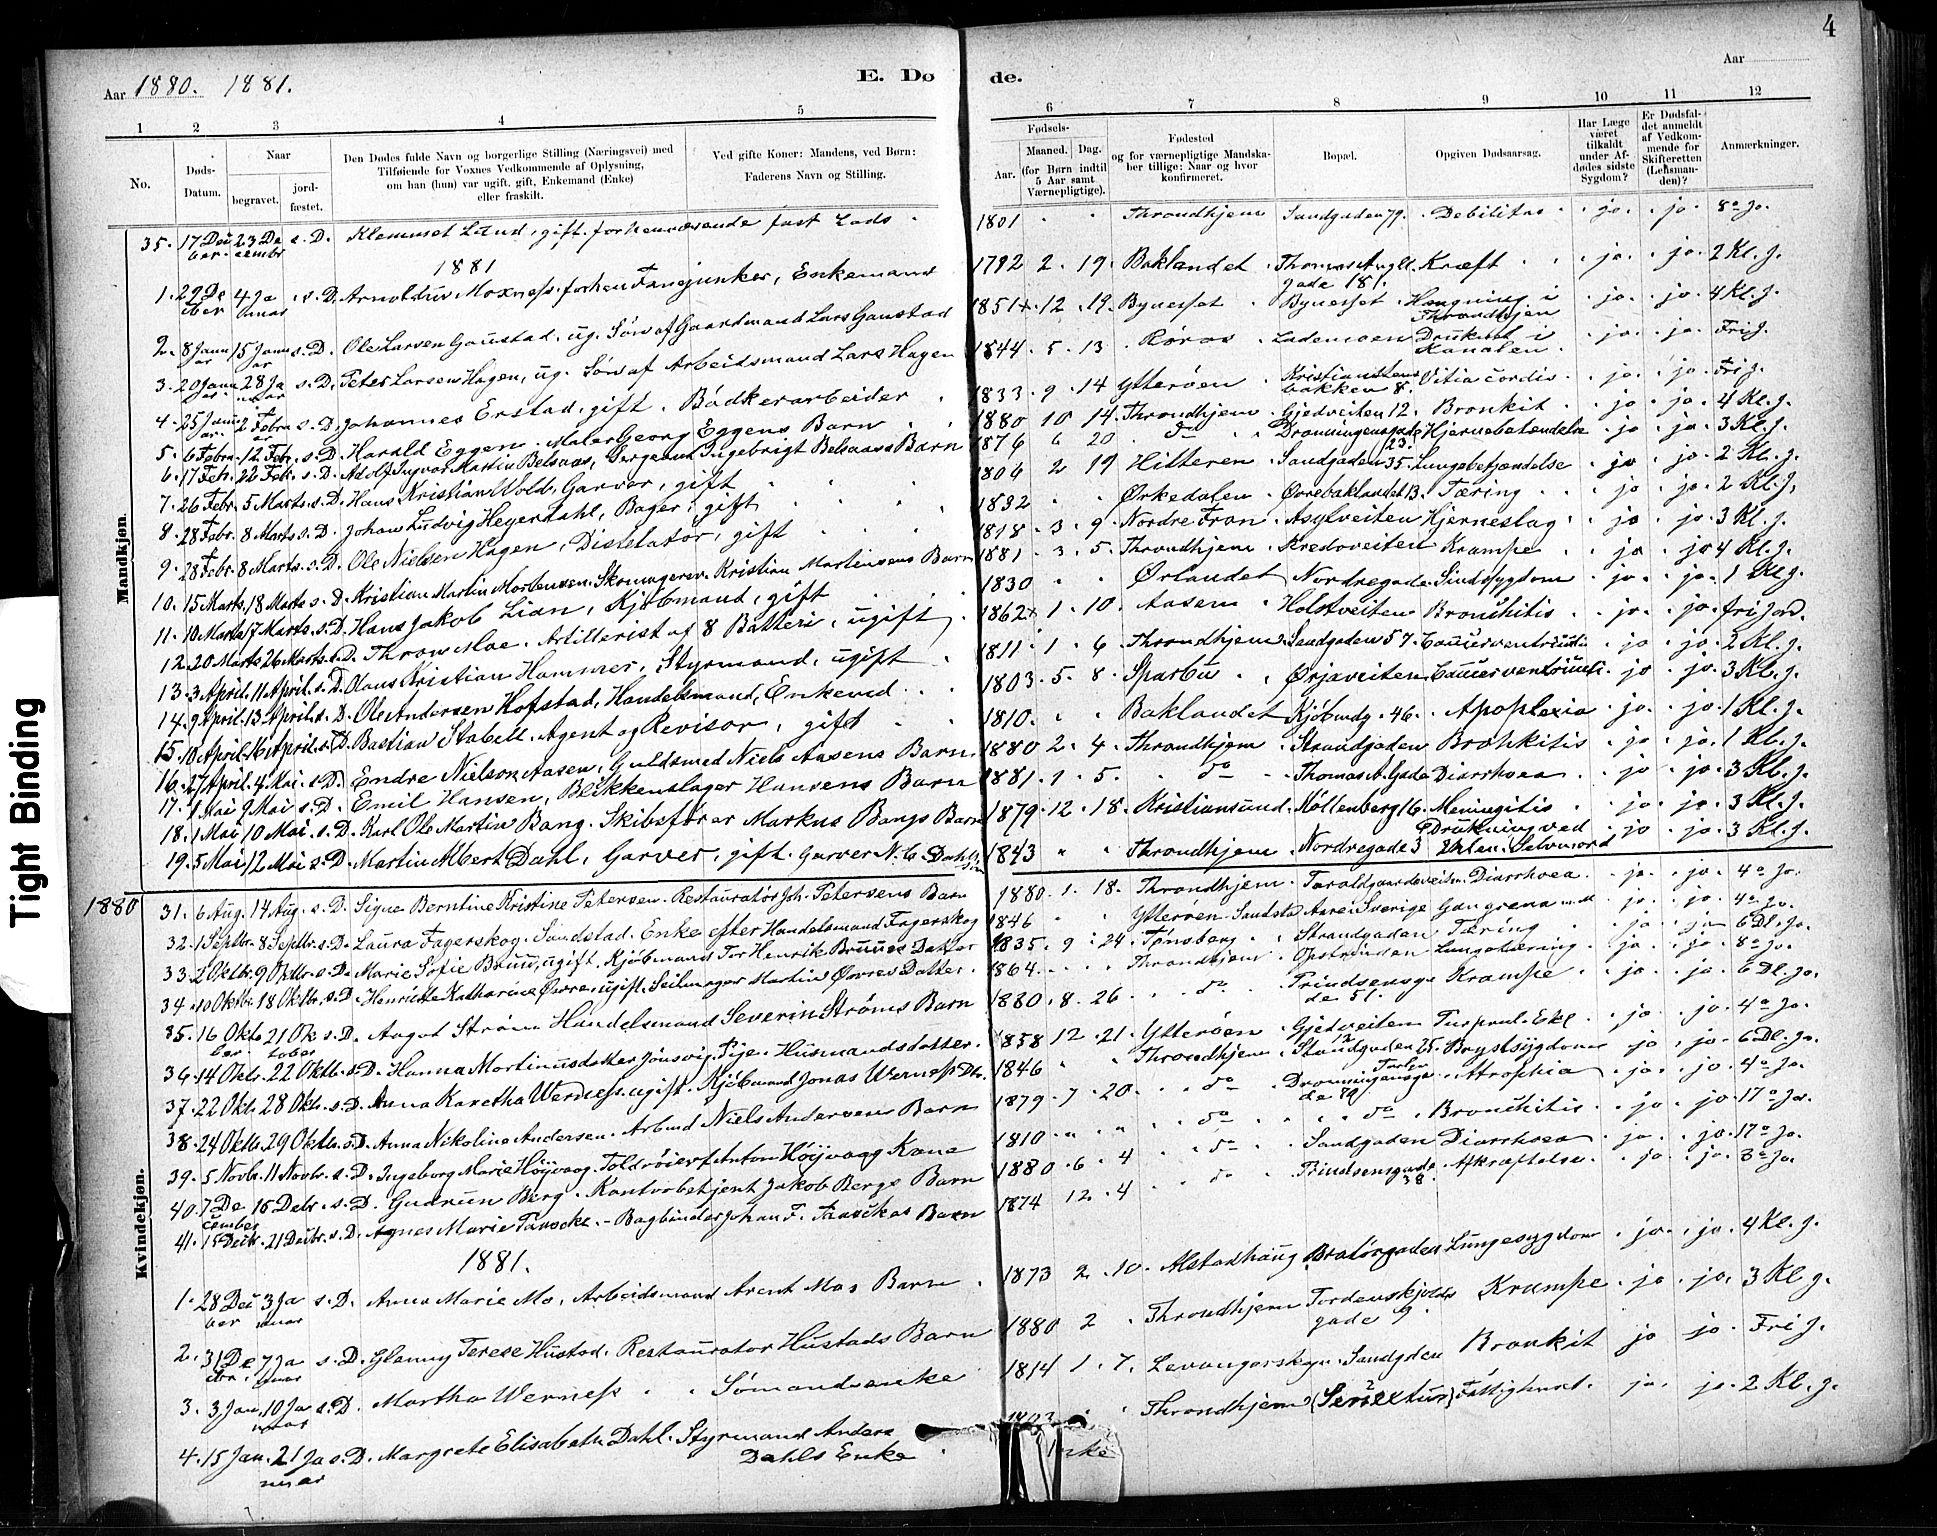 SAT, Ministerialprotokoller, klokkerbøker og fødselsregistre - Sør-Trøndelag, 602/L0120: Ministerialbok nr. 602A18, 1880-1913, s. 4